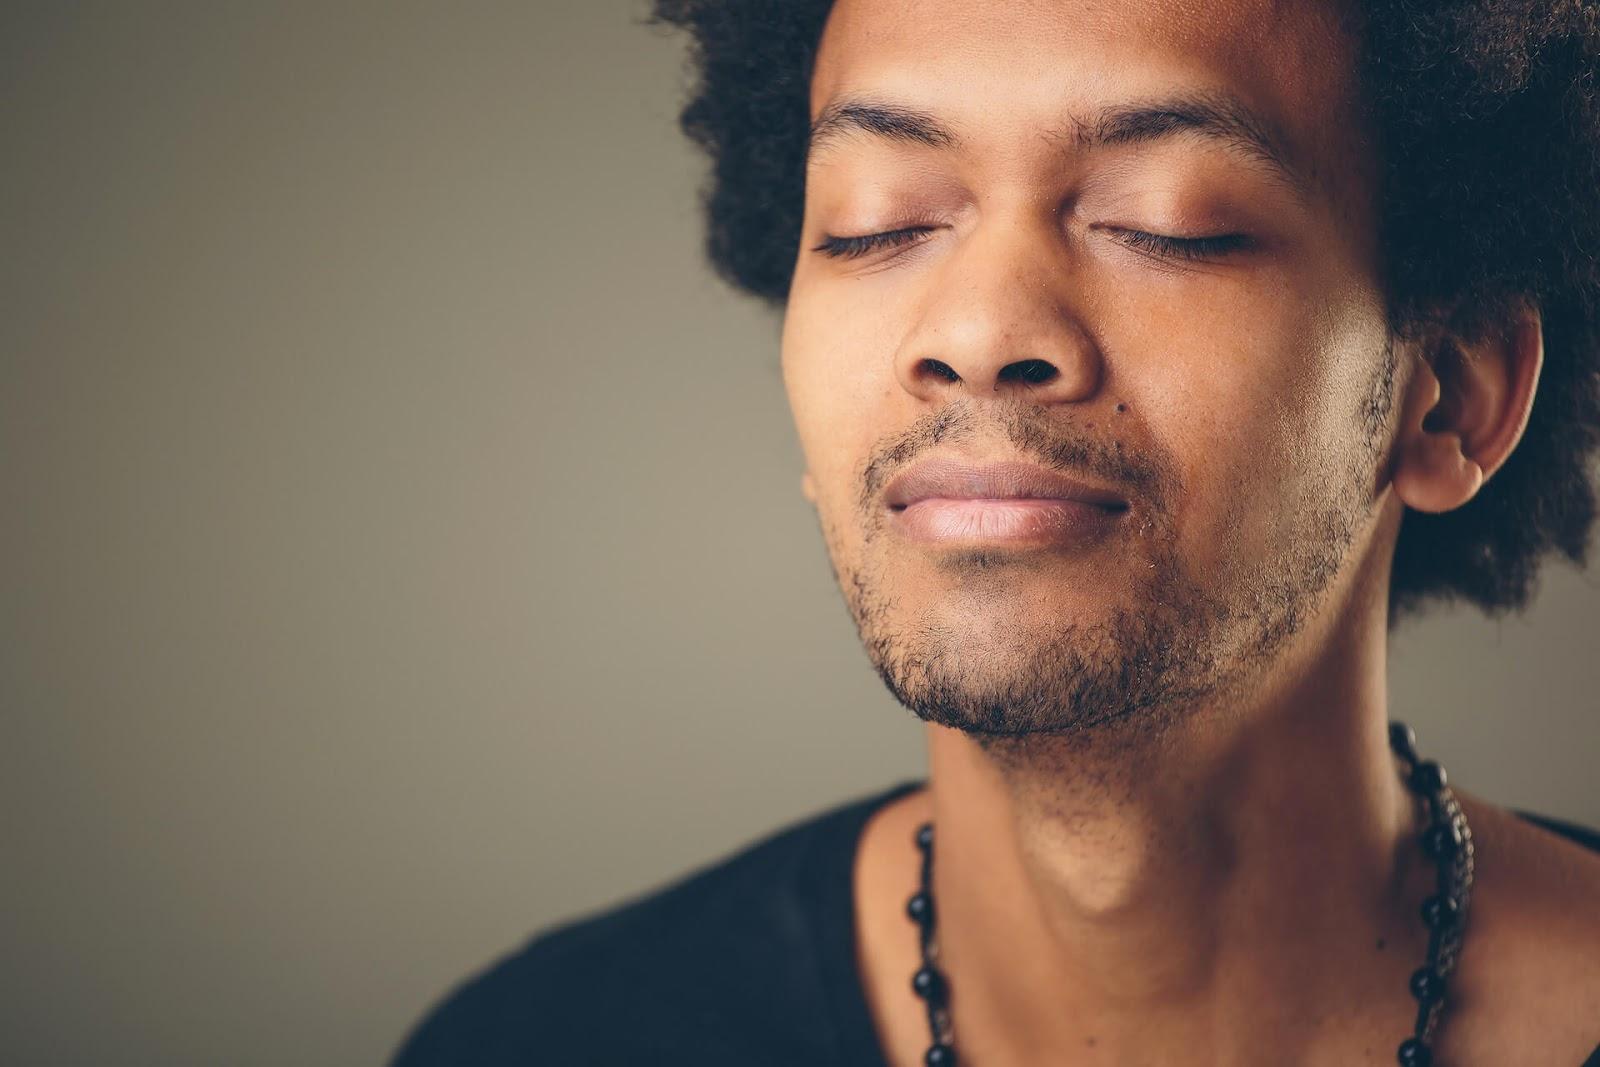 Man inhaling peacefully